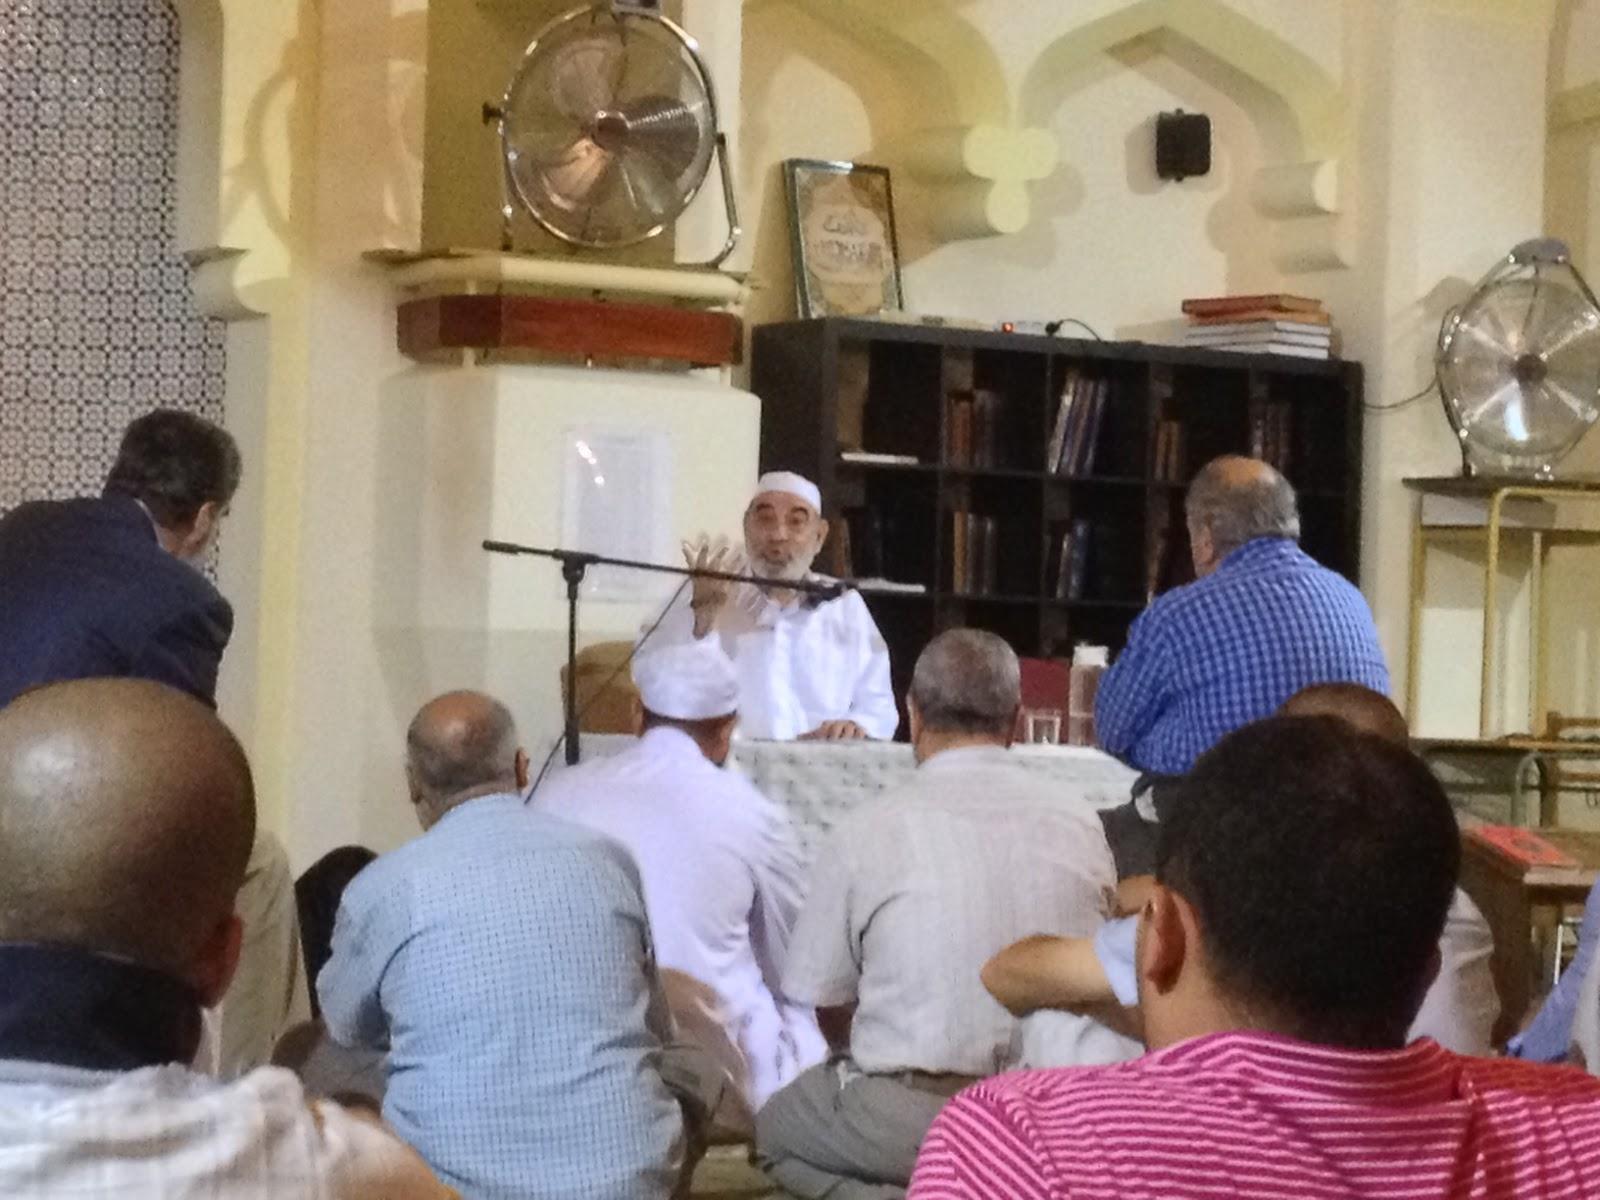 Kailani diserta sobre la Zona del Sham en la tradición musulmana